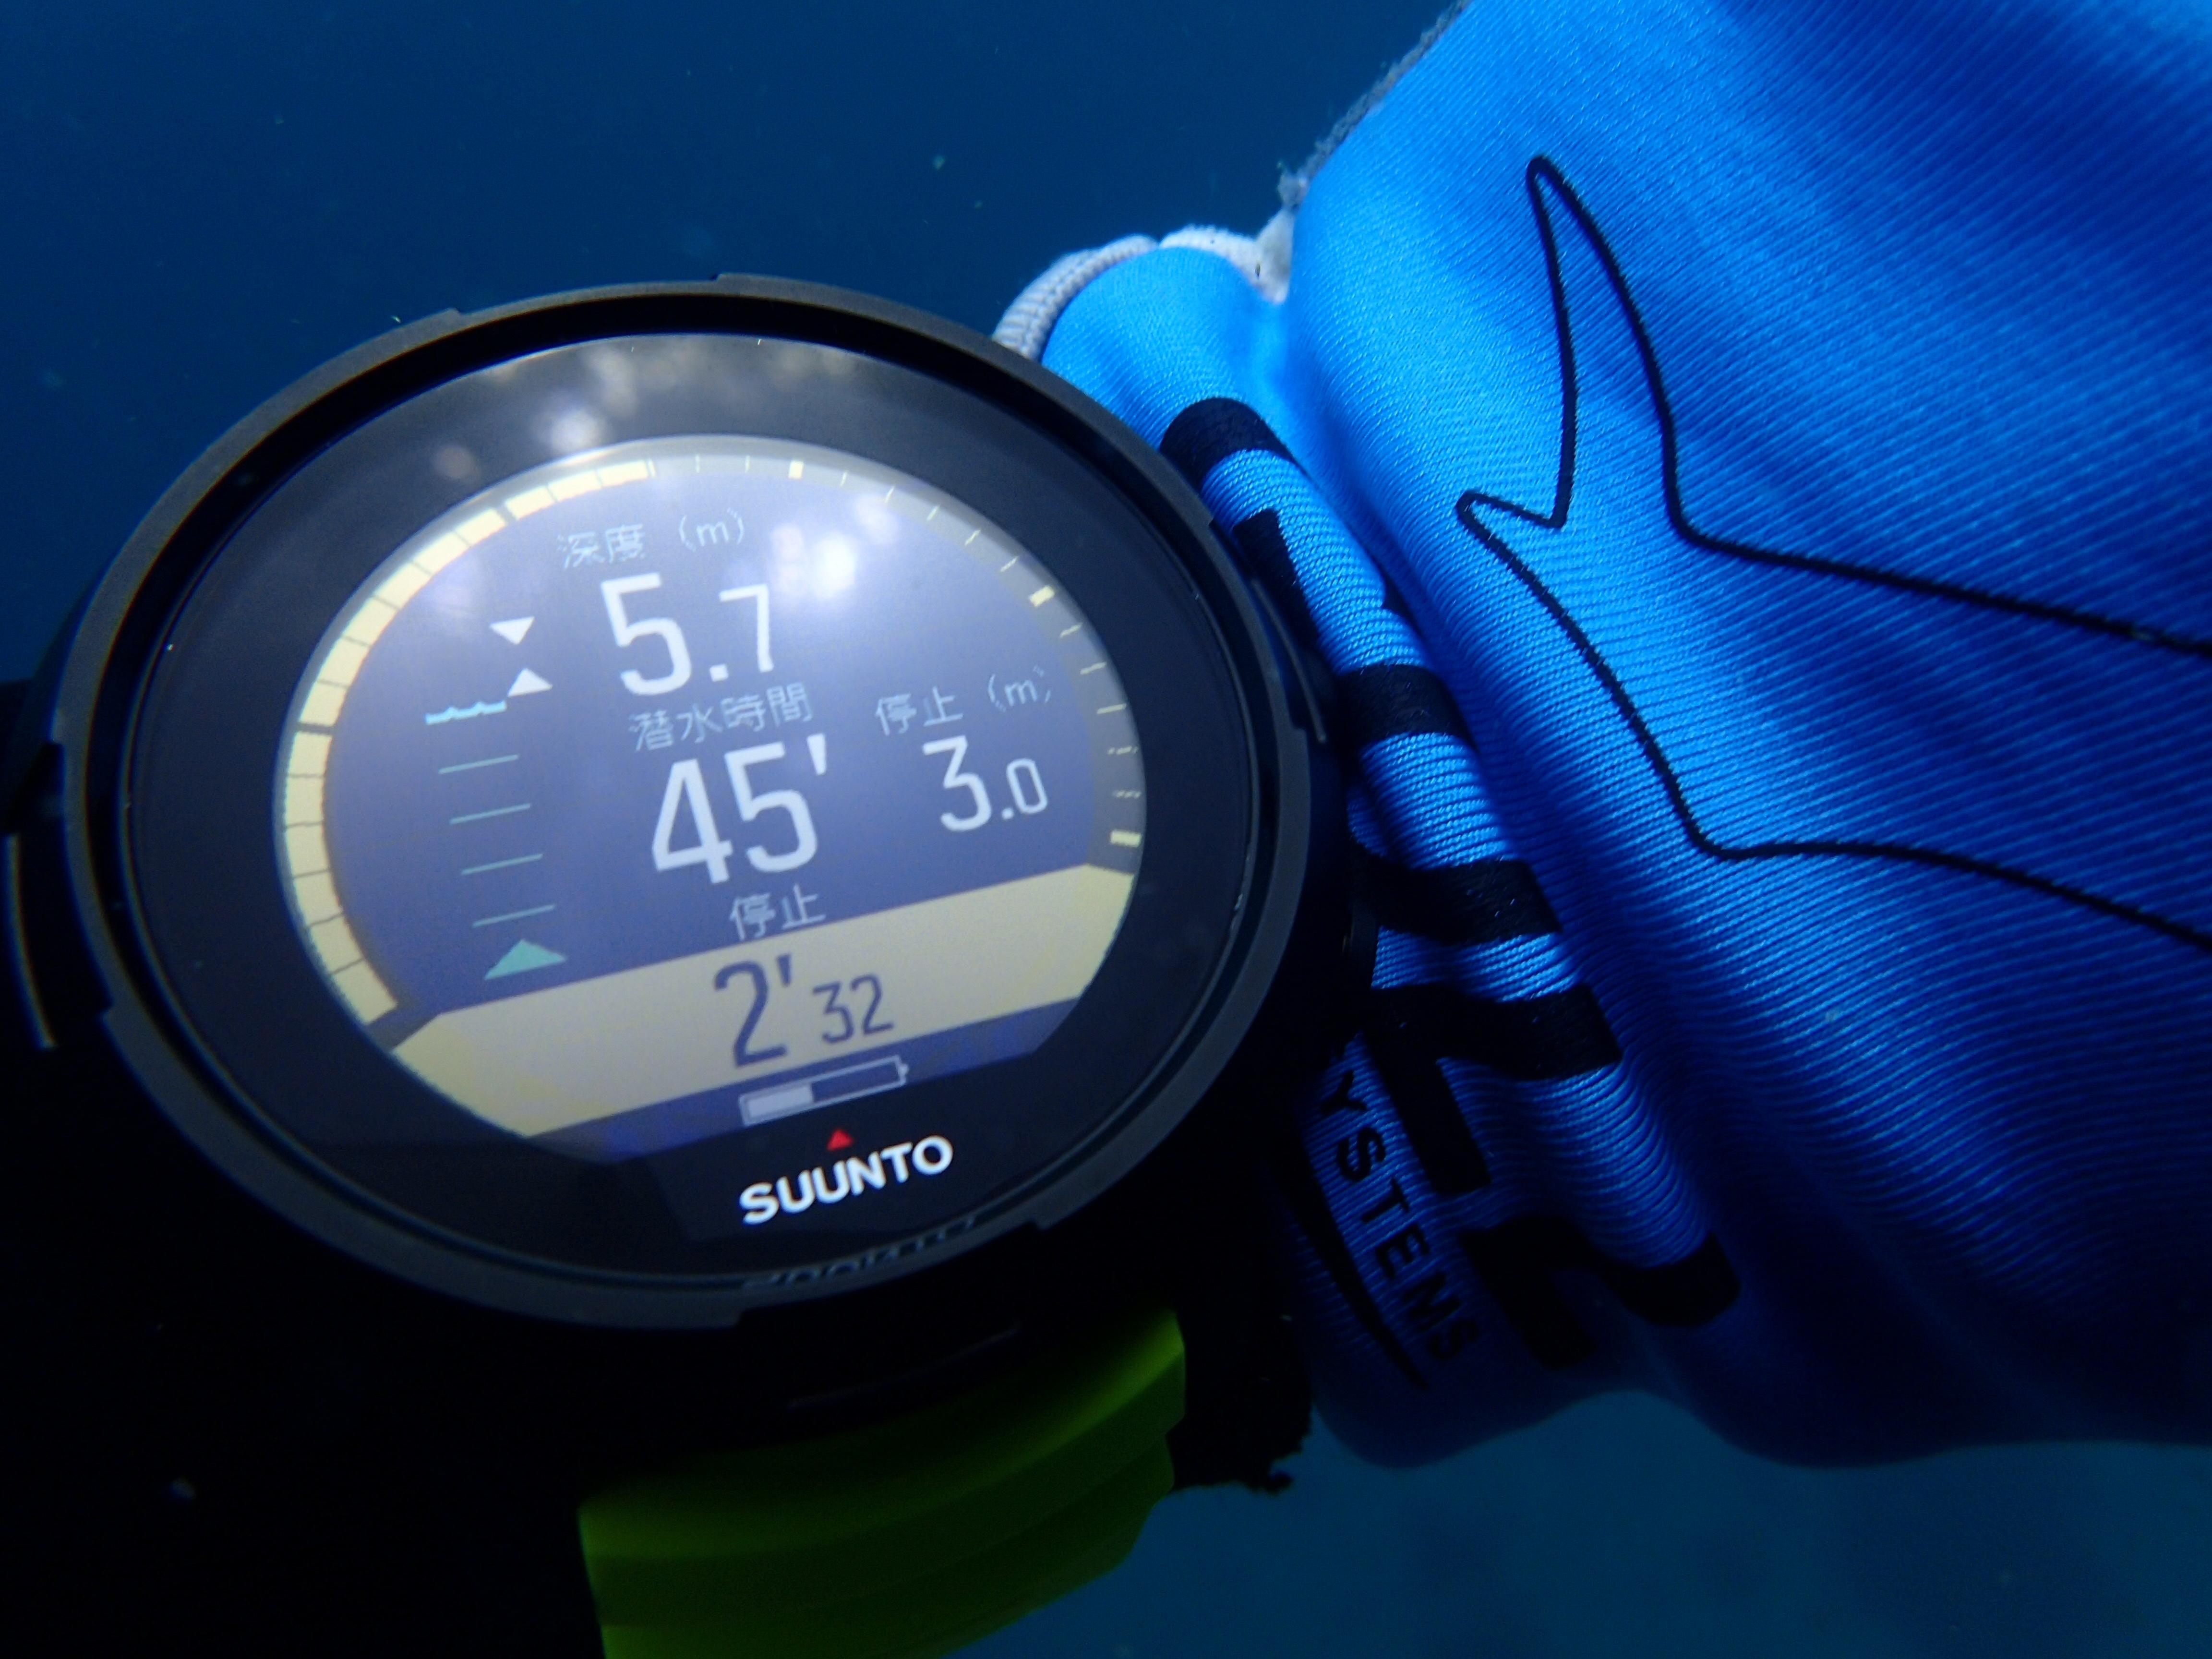 SUUNTO D5のダイビング中の見え方は?水中&陸上レビュー